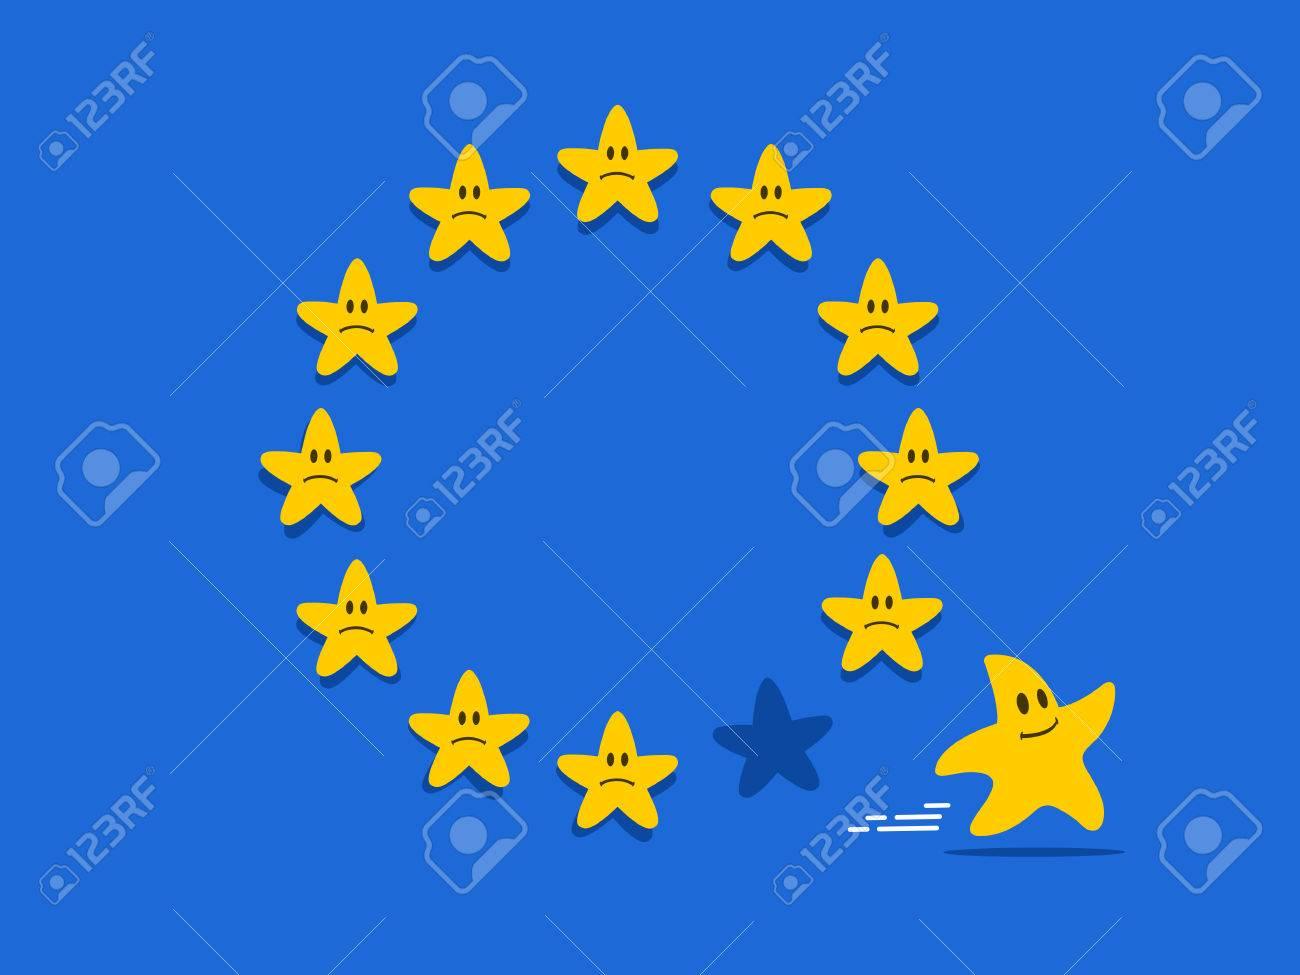 Brexit Cartoon-Konzept. Ein Stern Verlassen Flagge Der Europäischen Union  Als Symbol Vereinigten Königreichs, Die EU In Brexit Referendum. Lizenzfrei  Nutzbare Vektorgrafiken, Clip Arts, Illustrationen. Image 65717337.